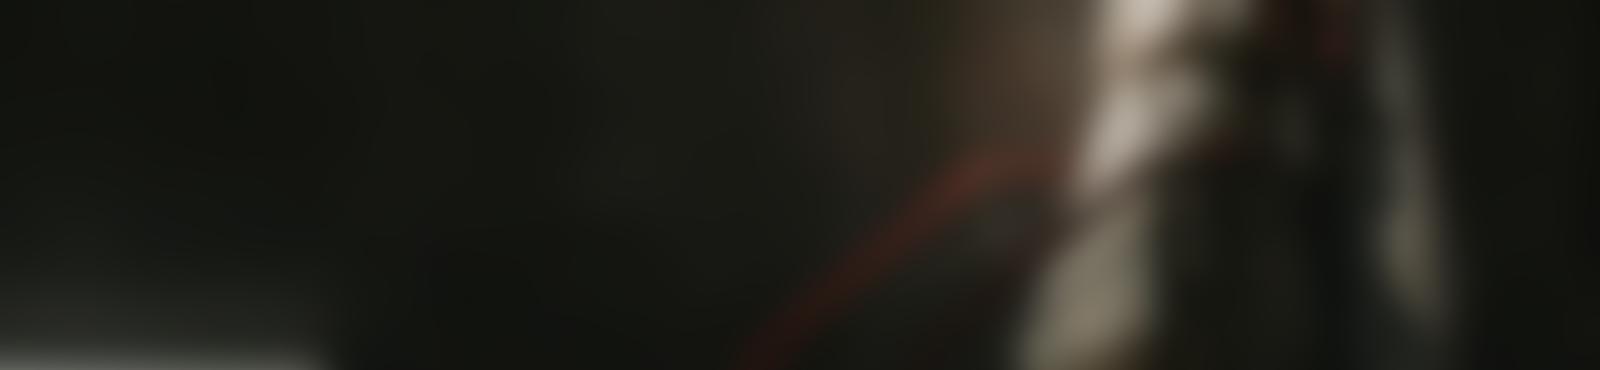 Blurred 69ed816c 9115 404b bca3 7215daadd70d